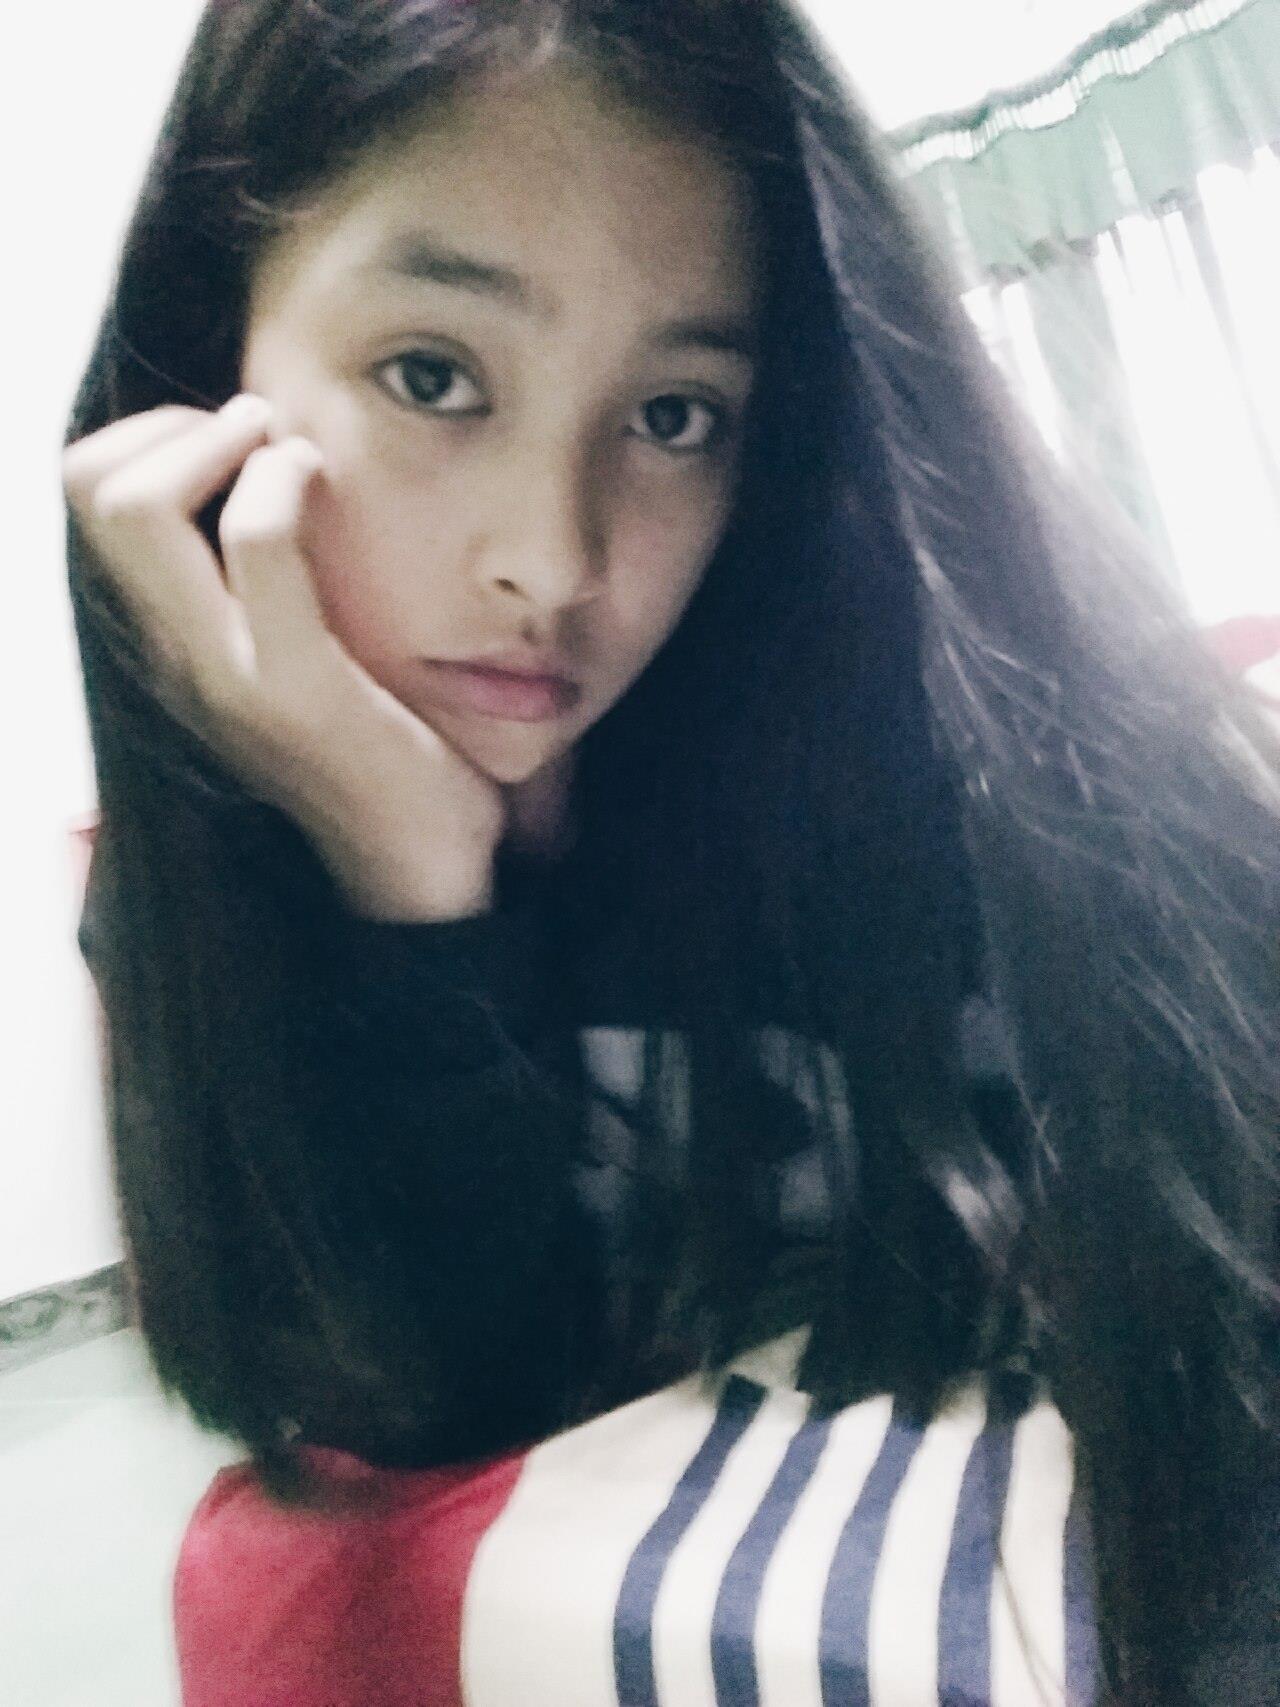 Ở nhữngbức ảnh được Tiểu Vy 'khoe' trên trang facebook cá nhân, cô nàng cũng rất giản dị như bao bạn trẻ ở độ tuổi học sinh - sinh viên khác.